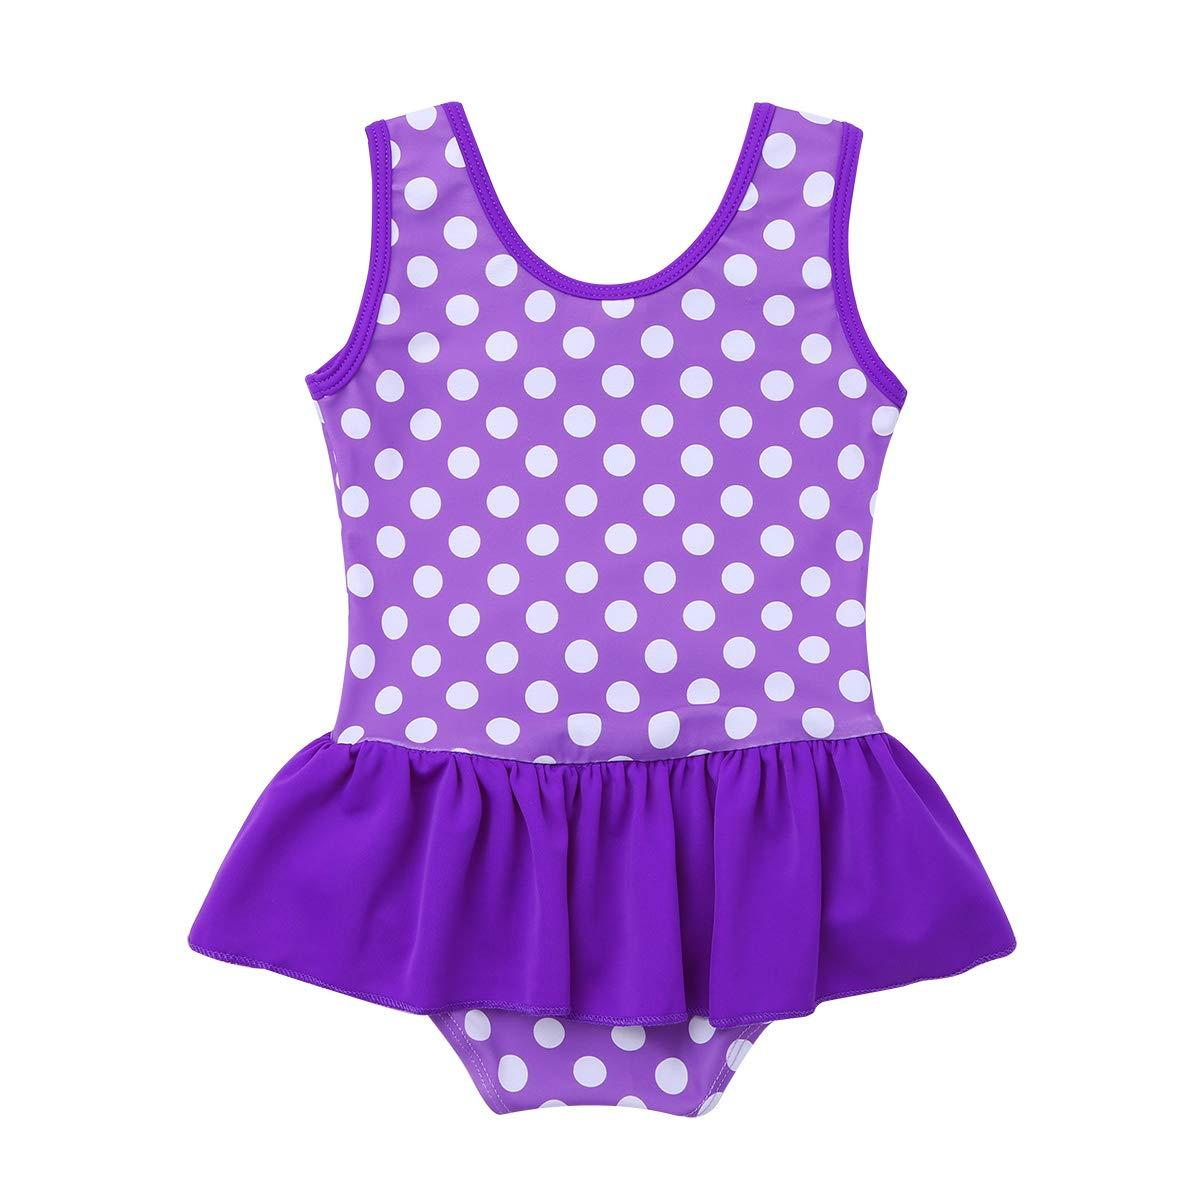 iEFiEL Baby M/ädchen Badeanzug Einteiler Bikini UV-Schutz Bademoden All-Over gepunktet 62 68 74 80 86 92 98